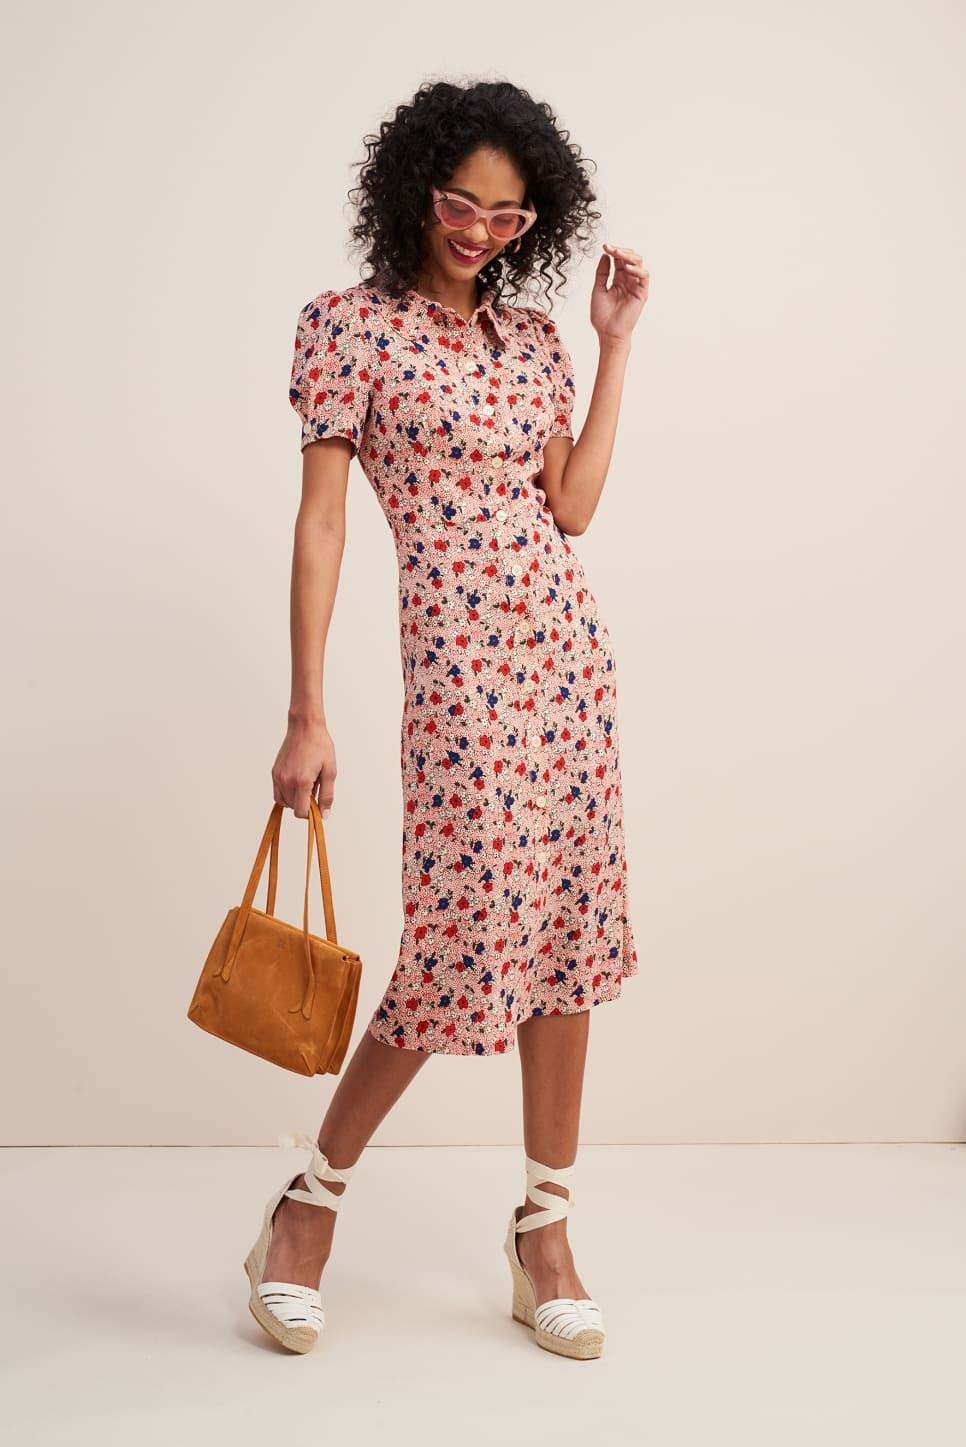 2020 Spring Summer Retro Print Floral Short Puff Sleeve Dress Peter Pan Collar Bubble Sleeve Women Long Dress